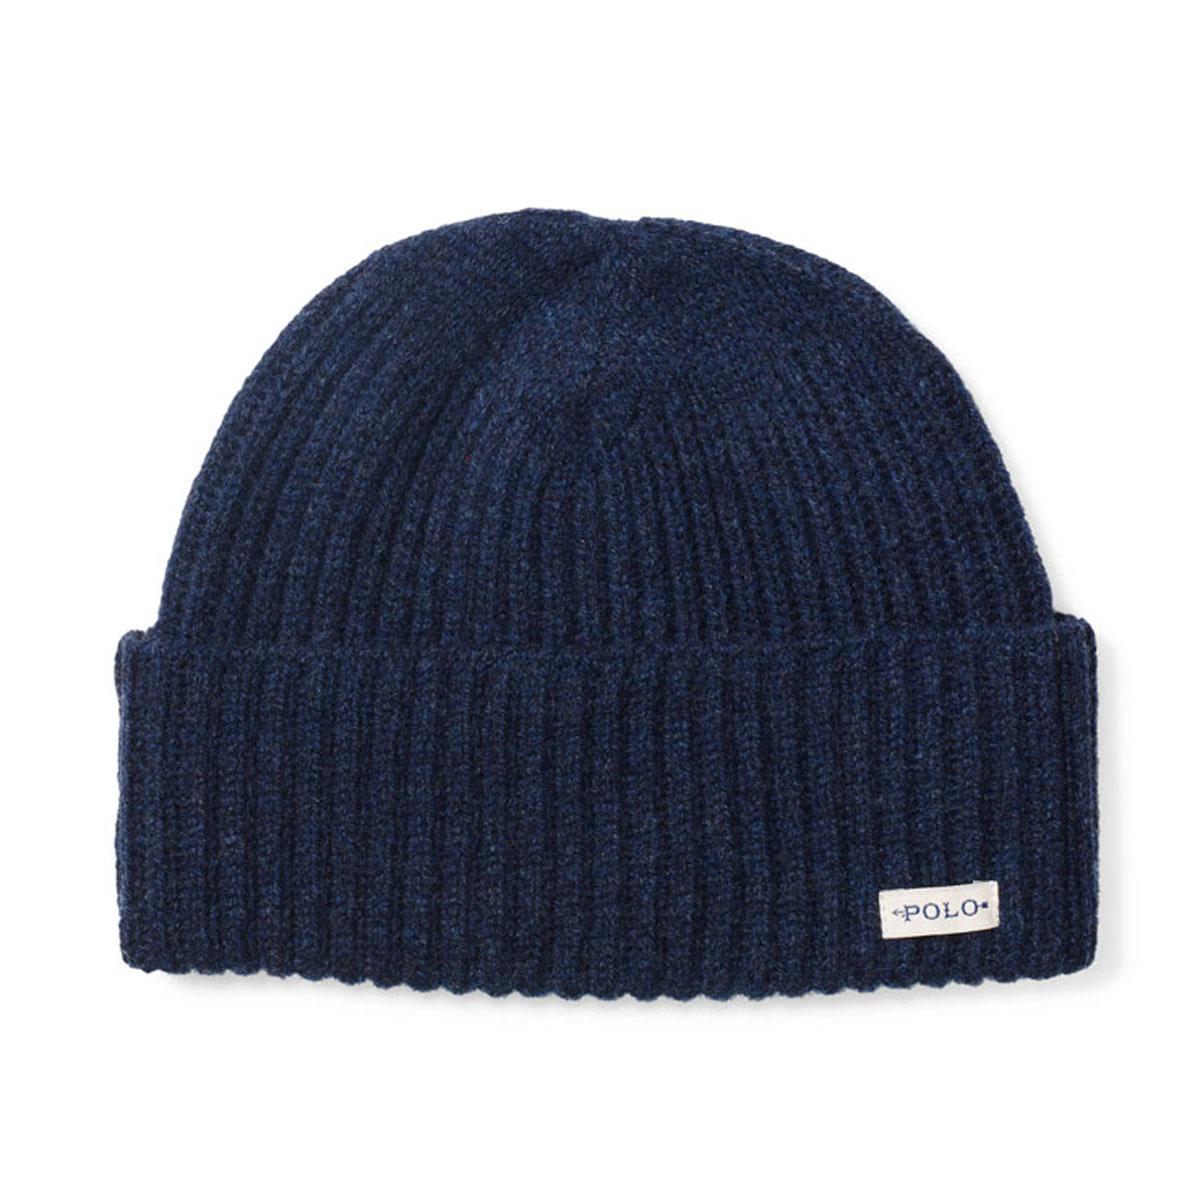 0e5b5942d 30%OFF sale polo Ralph Lauren POLO RALPH LAUREN regular article knit cap  DONEGAL MERINO WOOL WATCH CAP